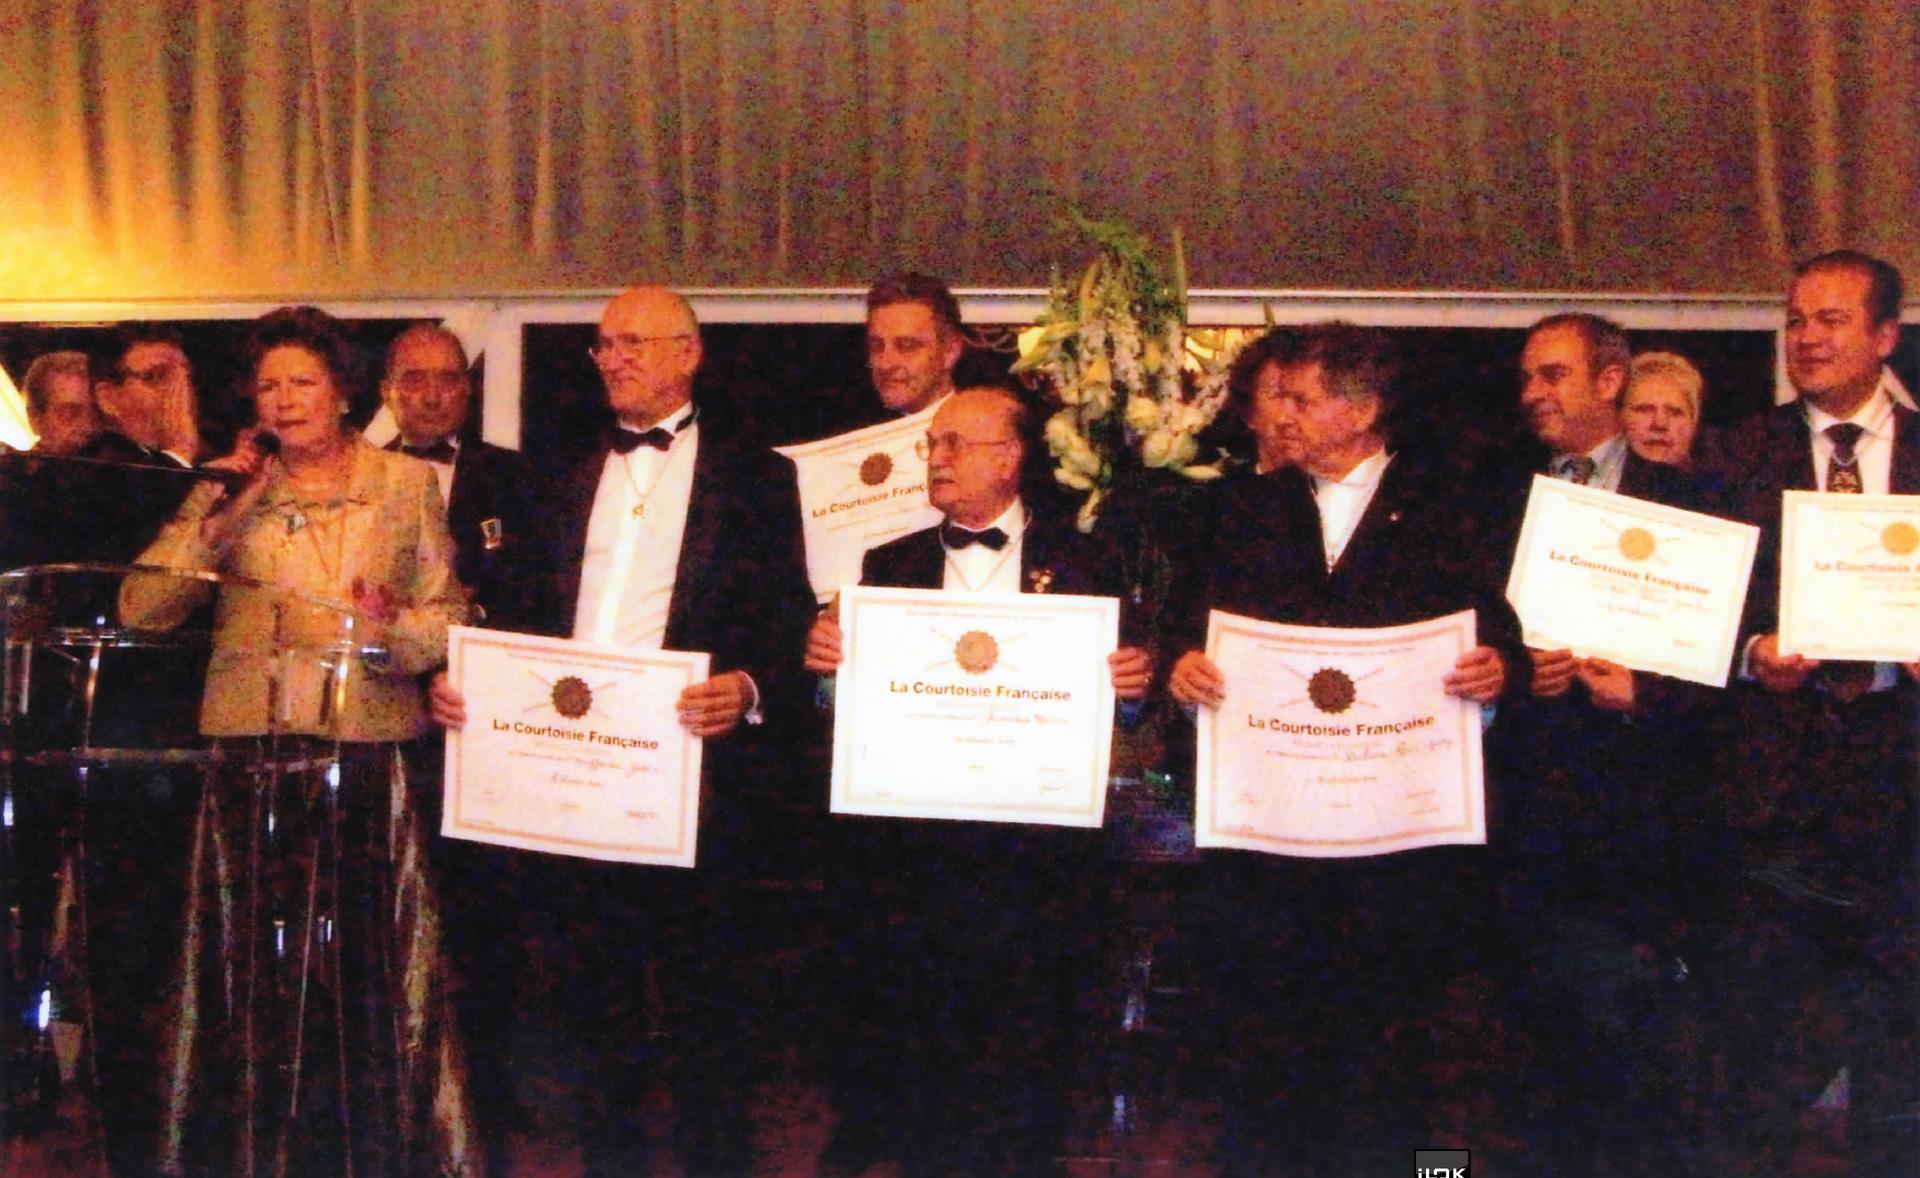 Médailles de La Courtoisie Française